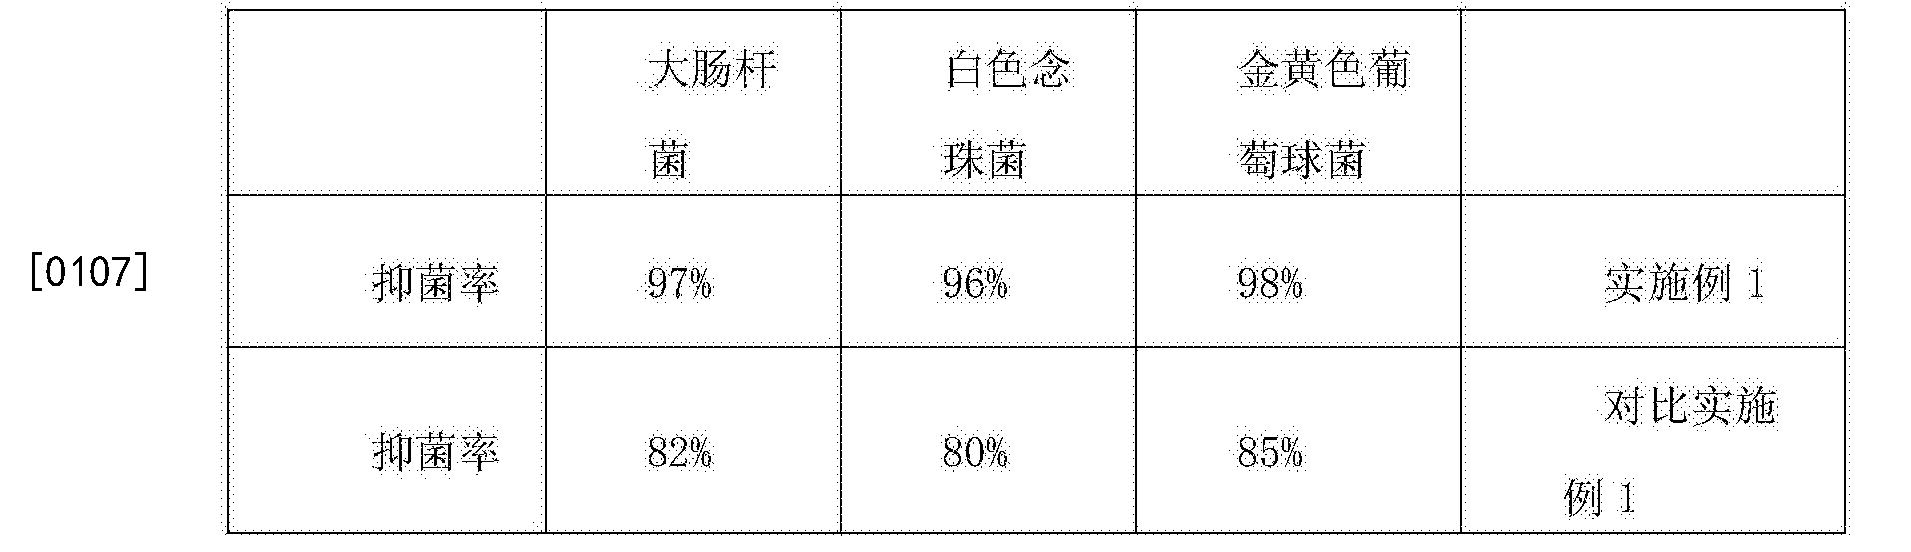 Figure CN105901782BD00112